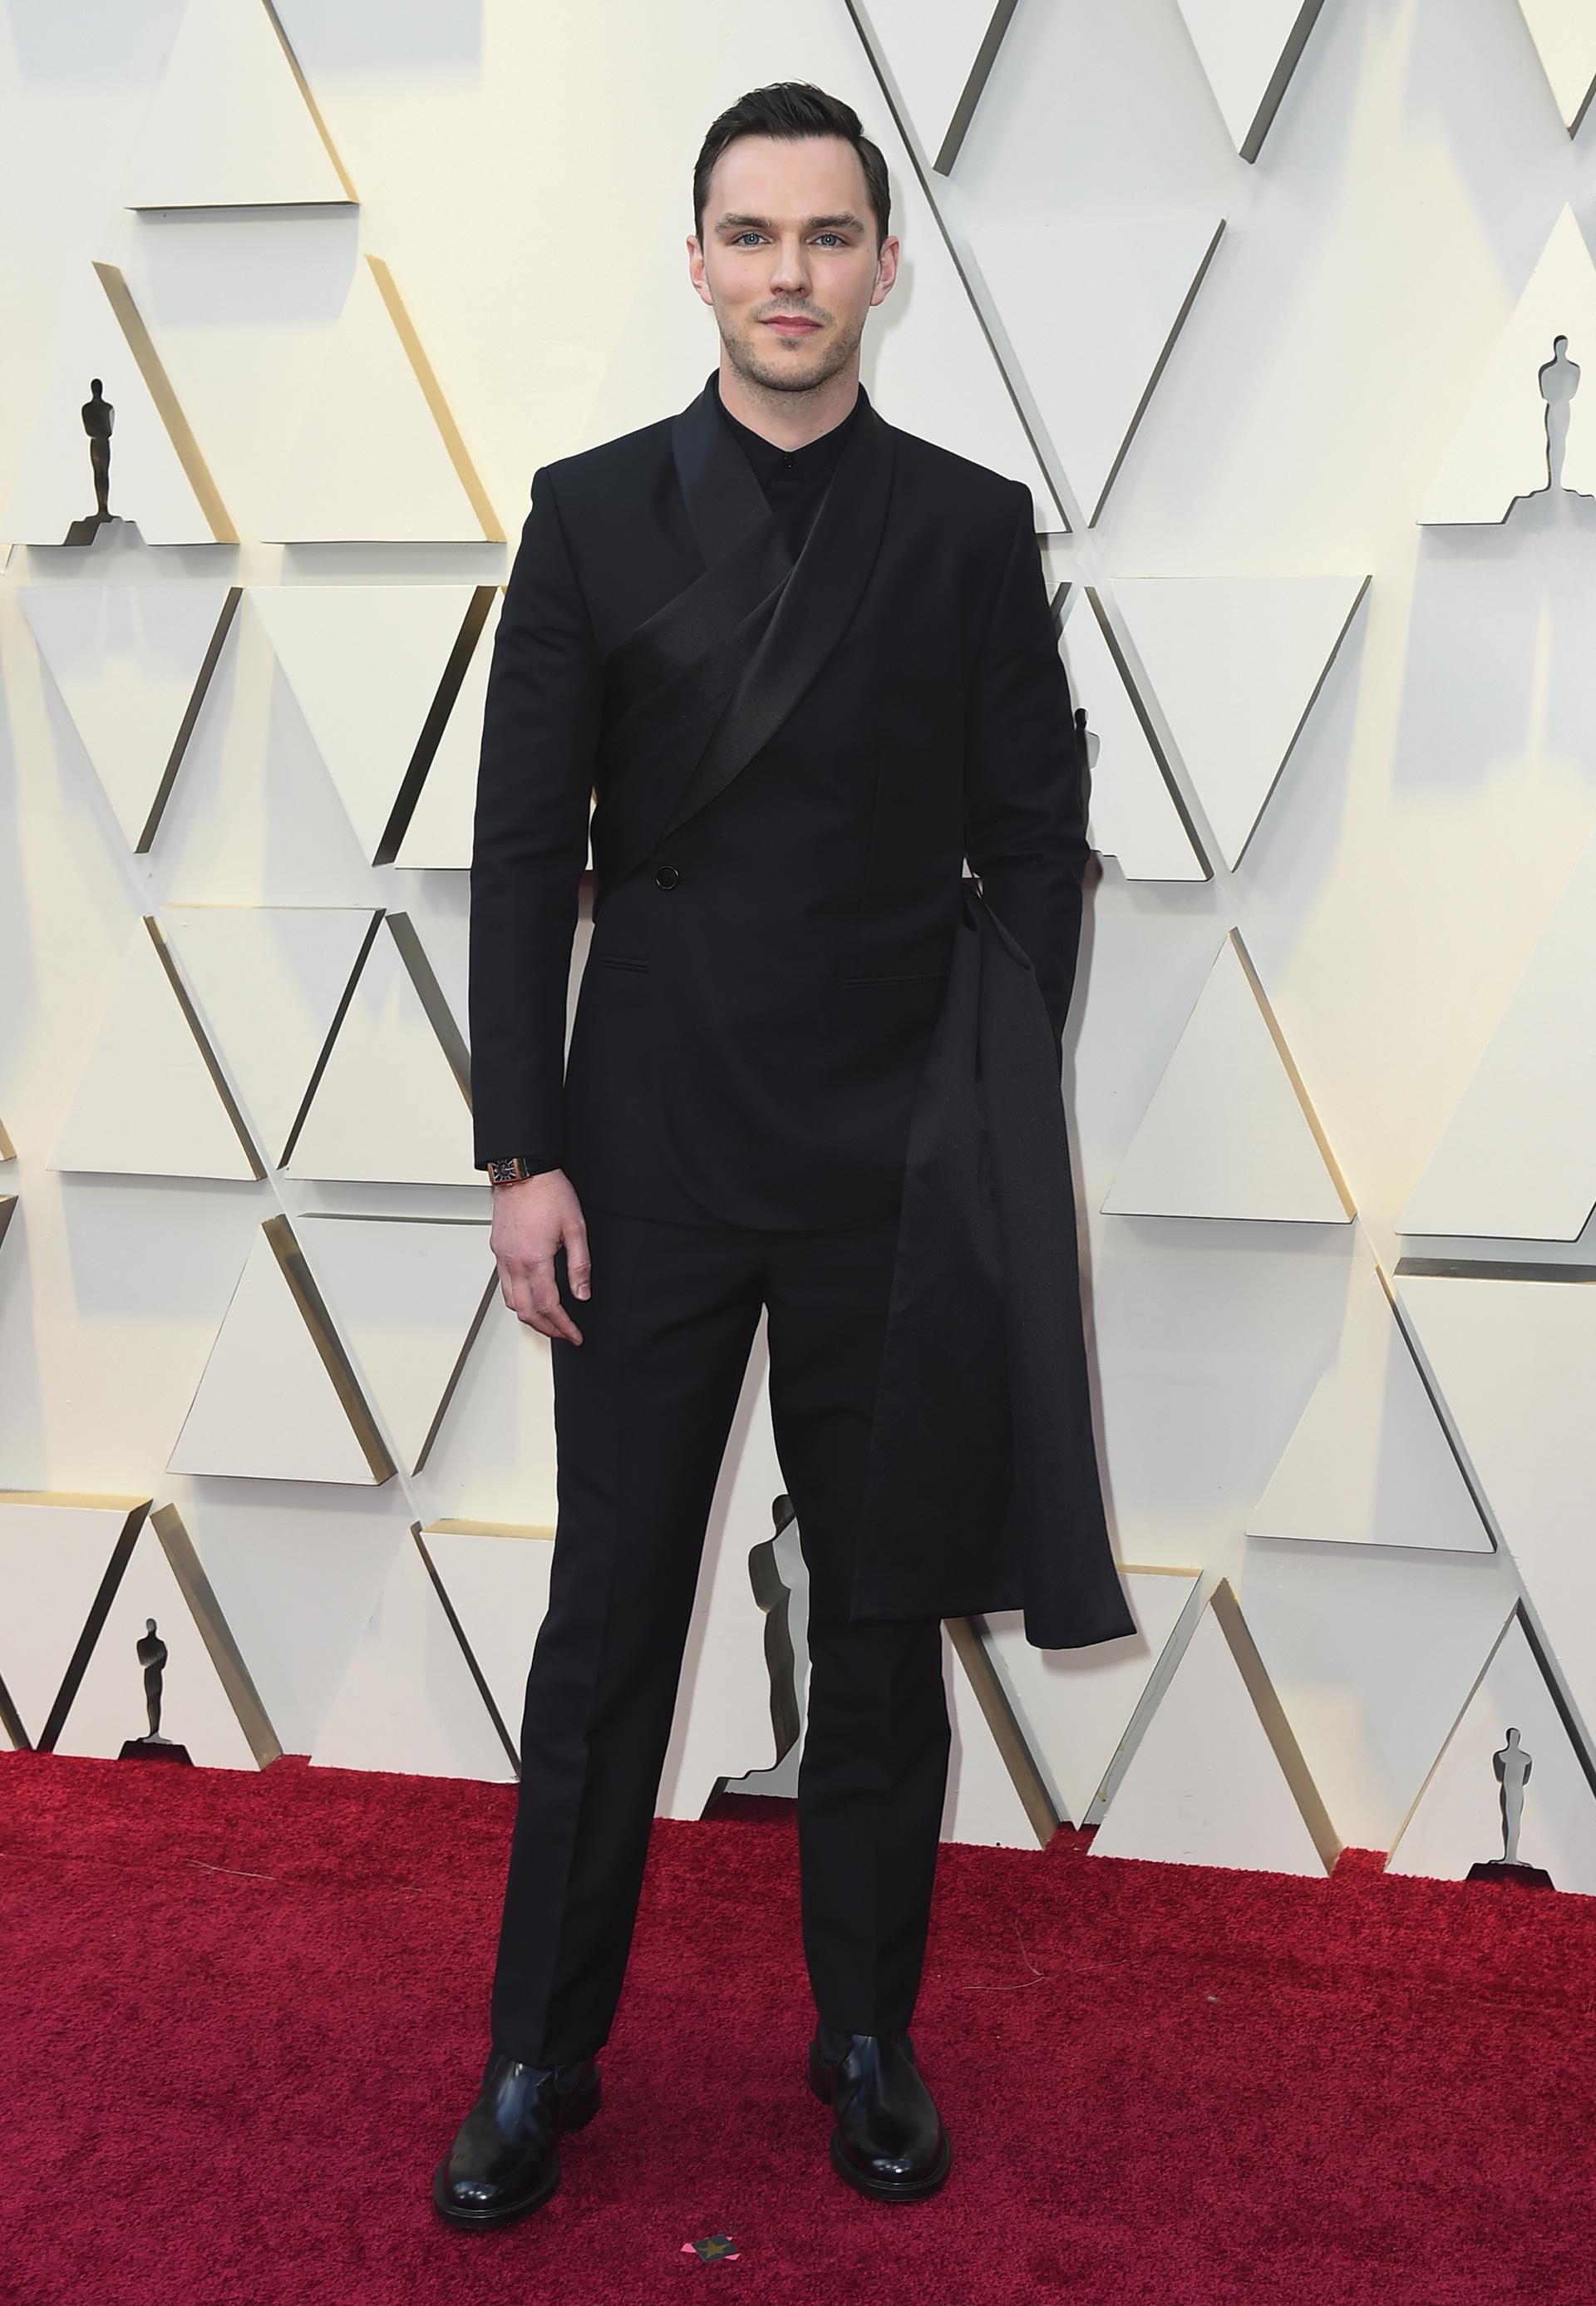 Nicholas Houltcon un look total black de Dior con un sash negro que cae al costado